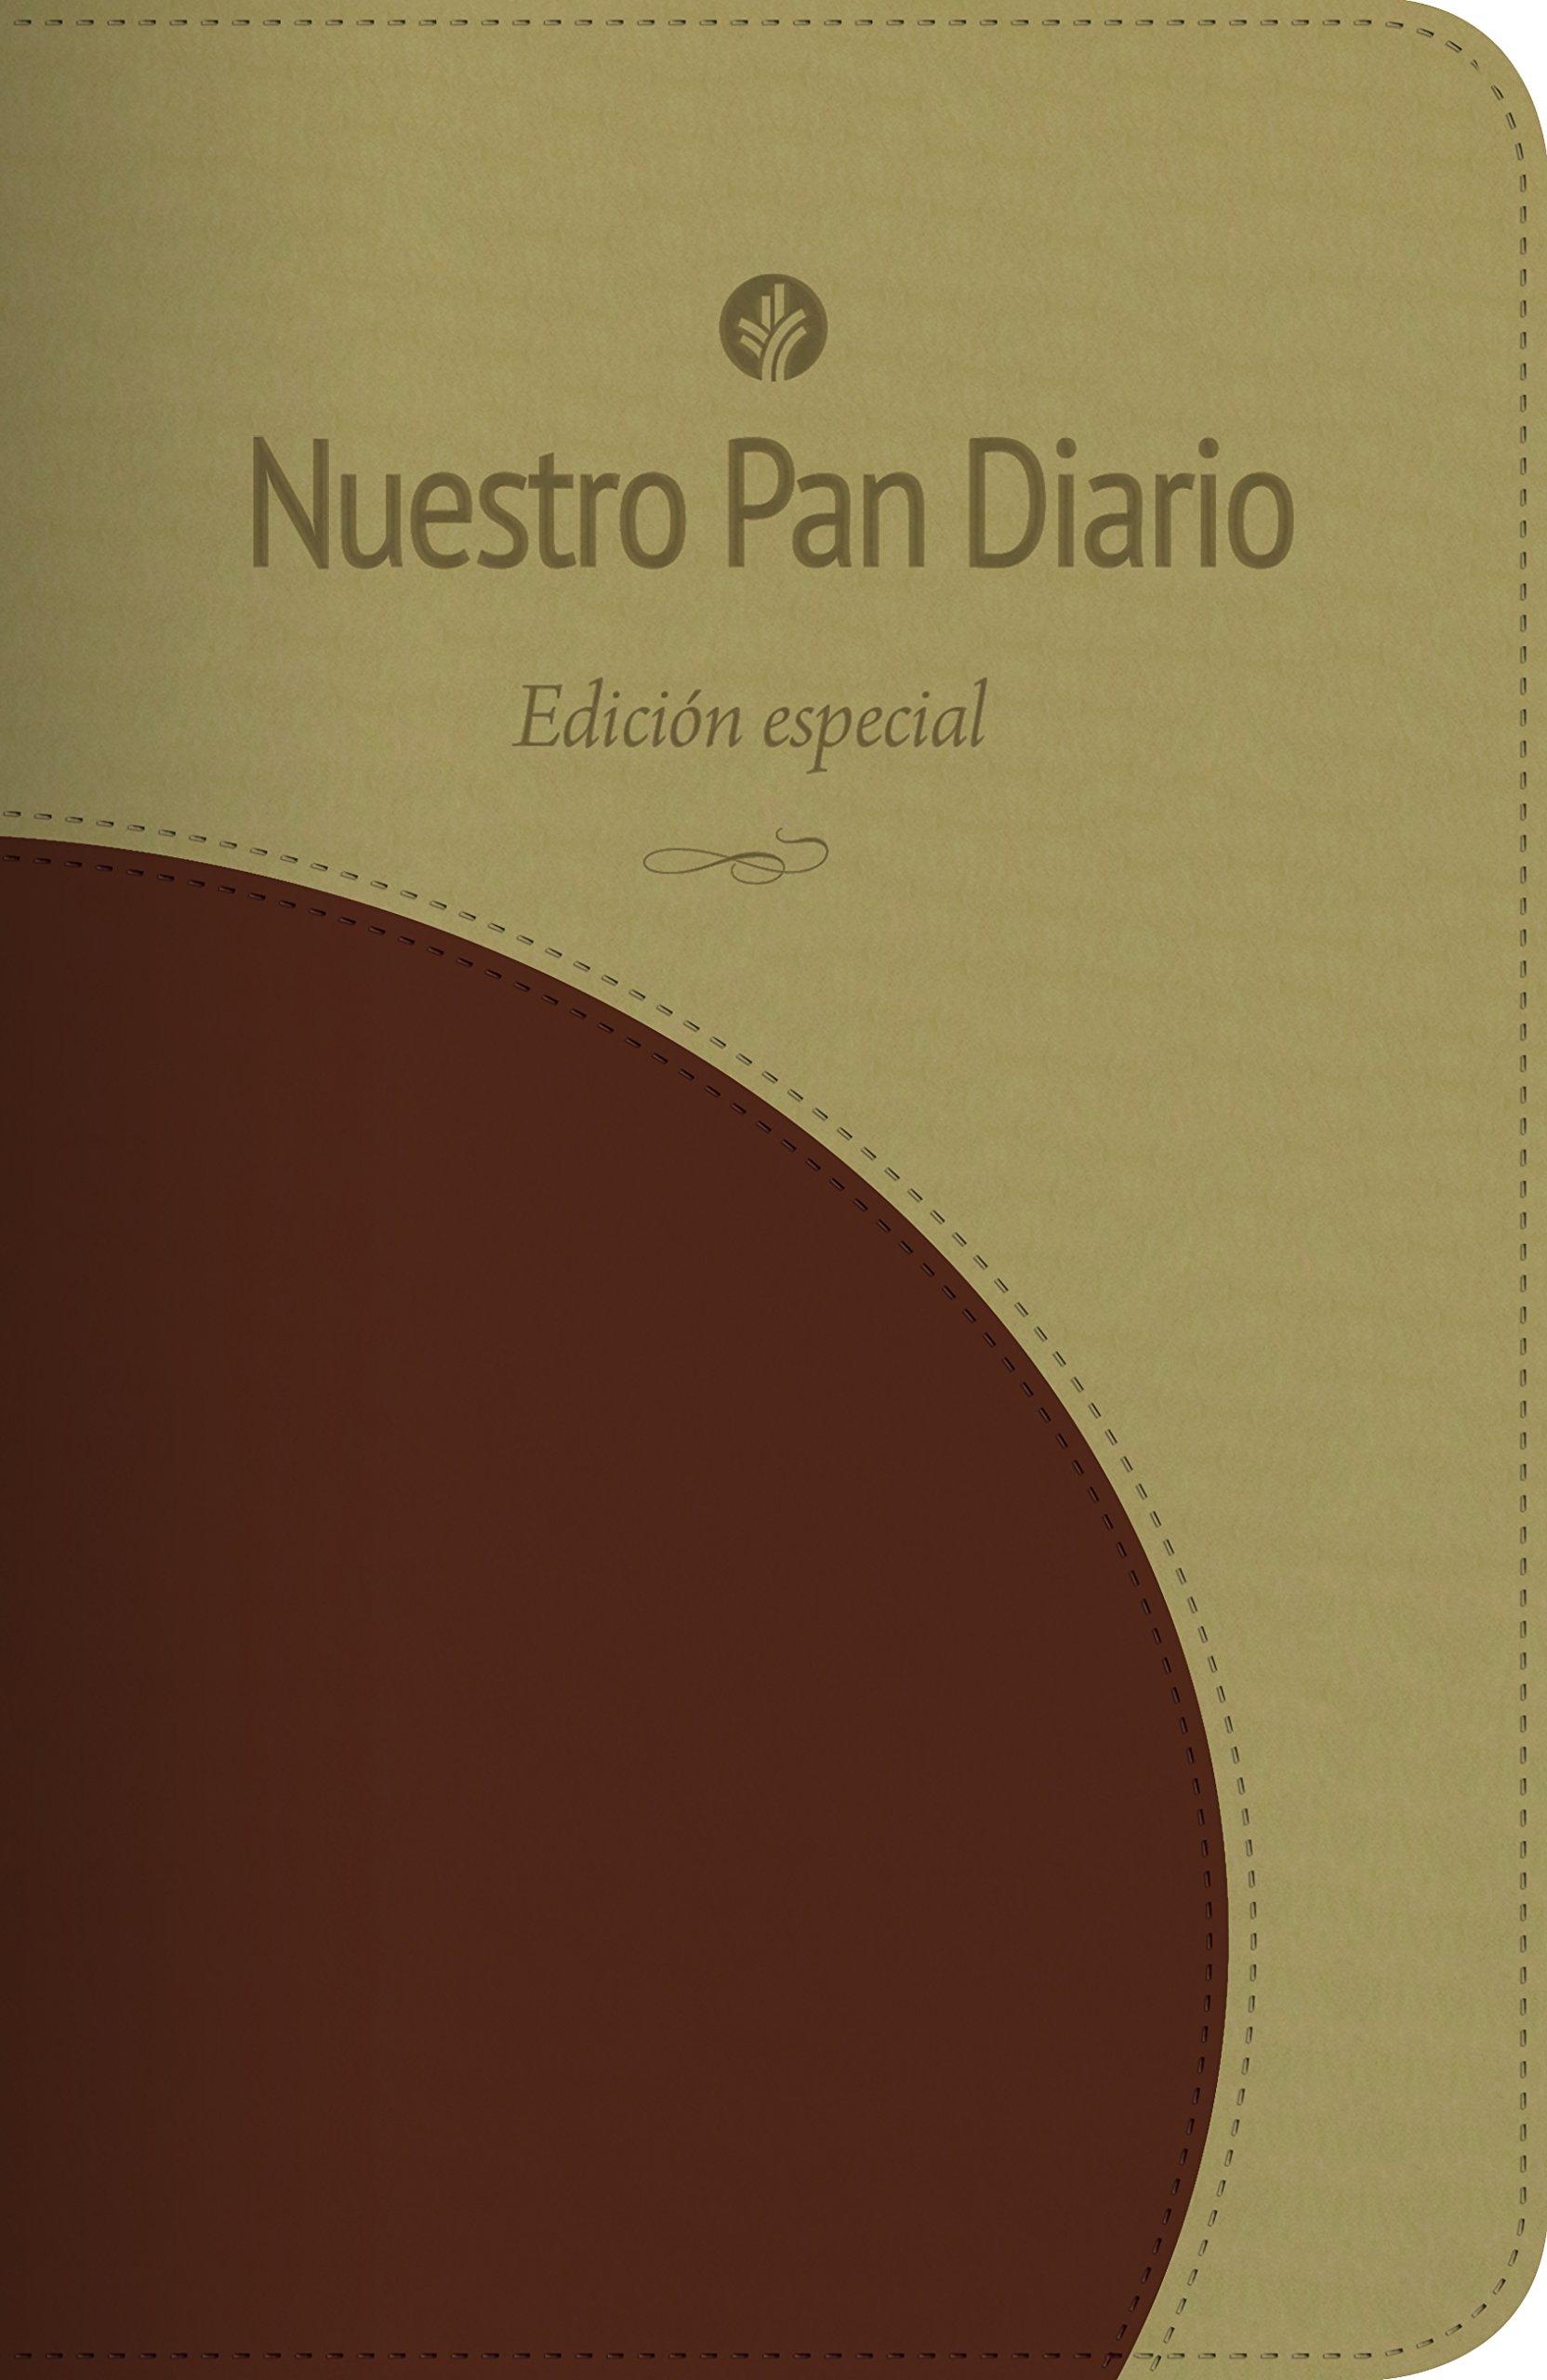 SPA-NUESTRO PAN DIARIO EDICION